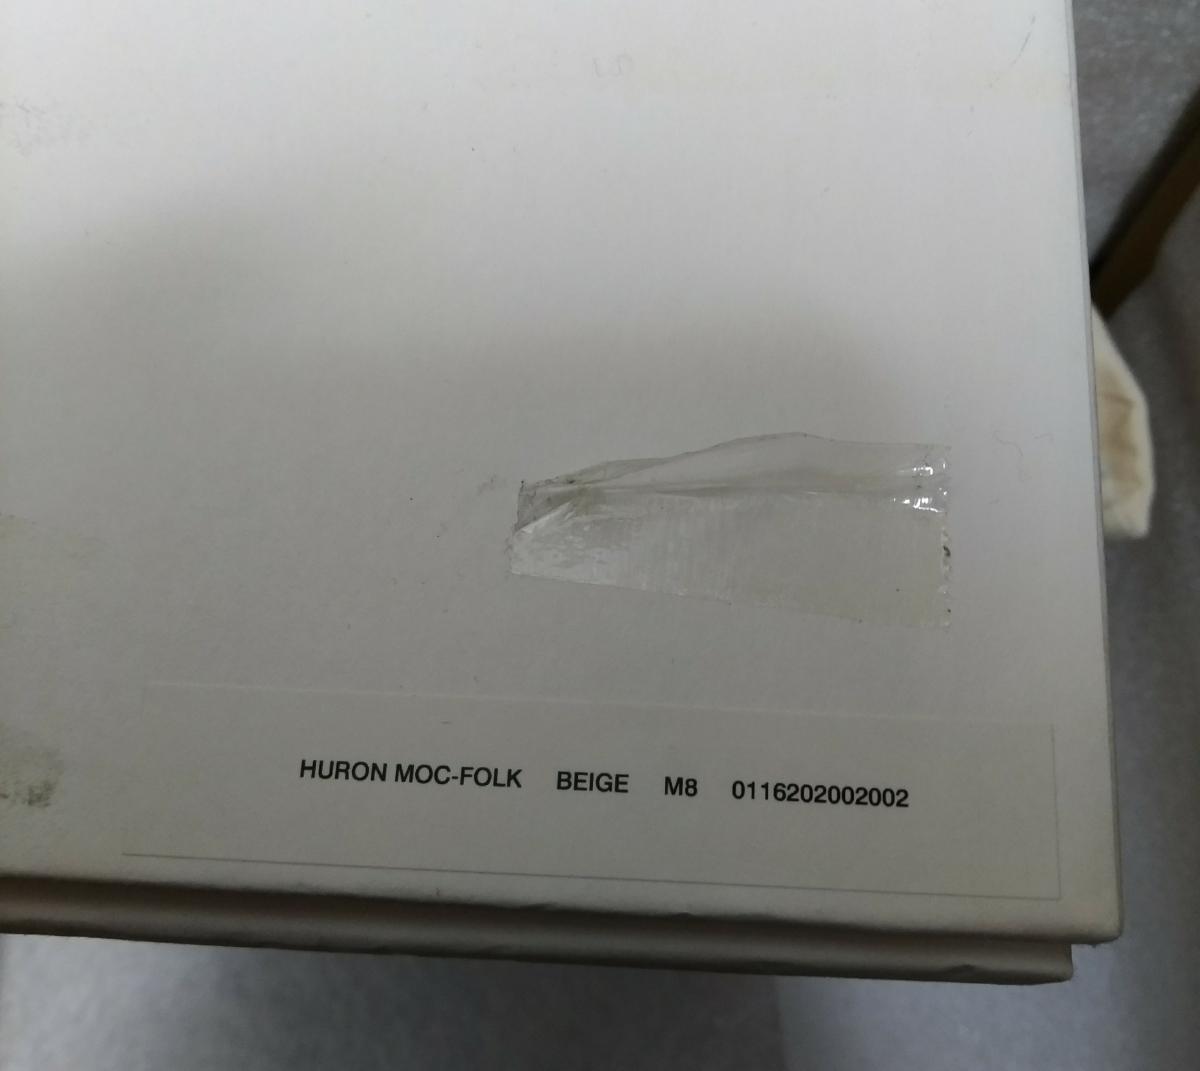 【新品】visvim HURON MOC-FOLK BEIGE M8 0116202002002 シューズ 靴_画像9